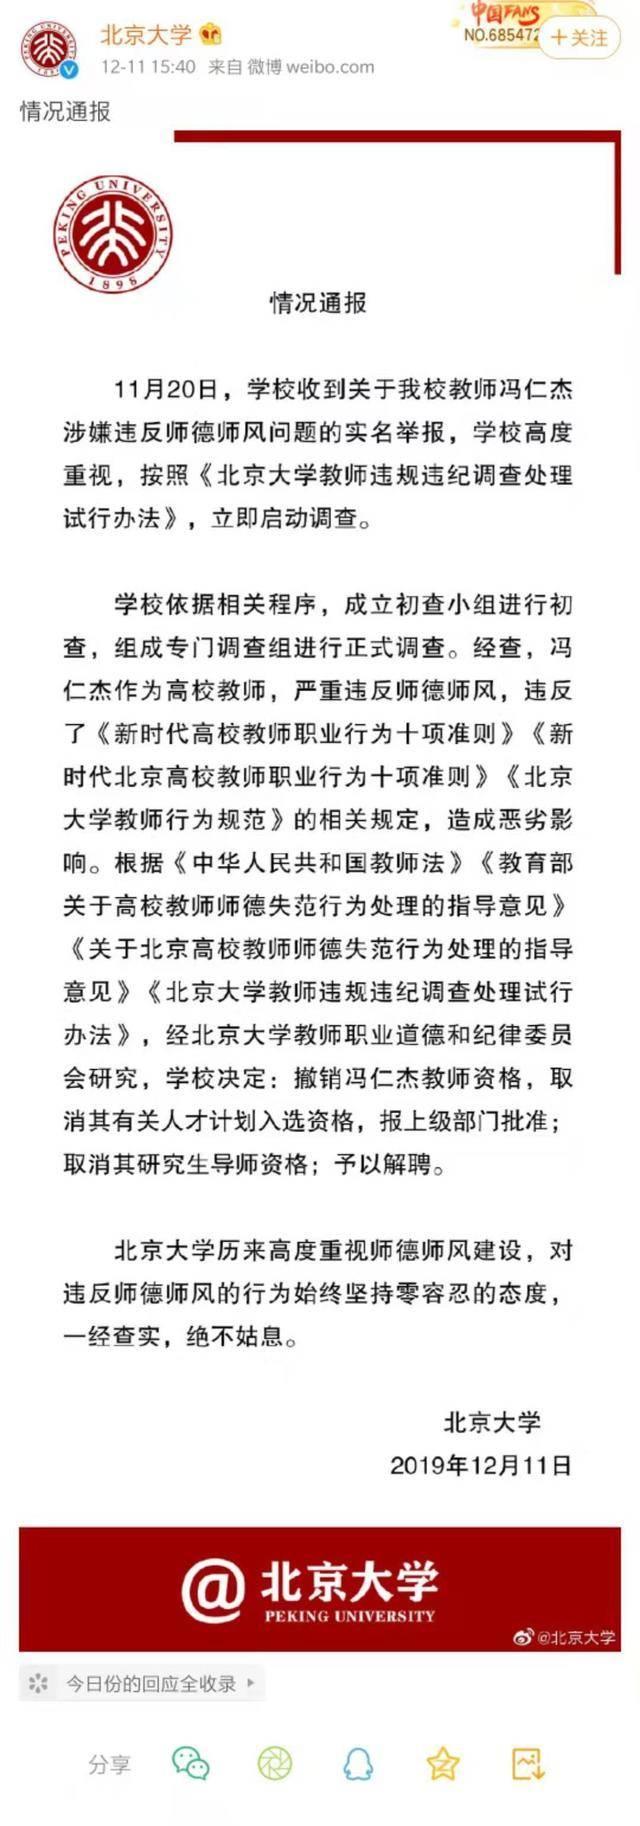 http://www.k2summit.cn/qichexiaofei/1595837.html